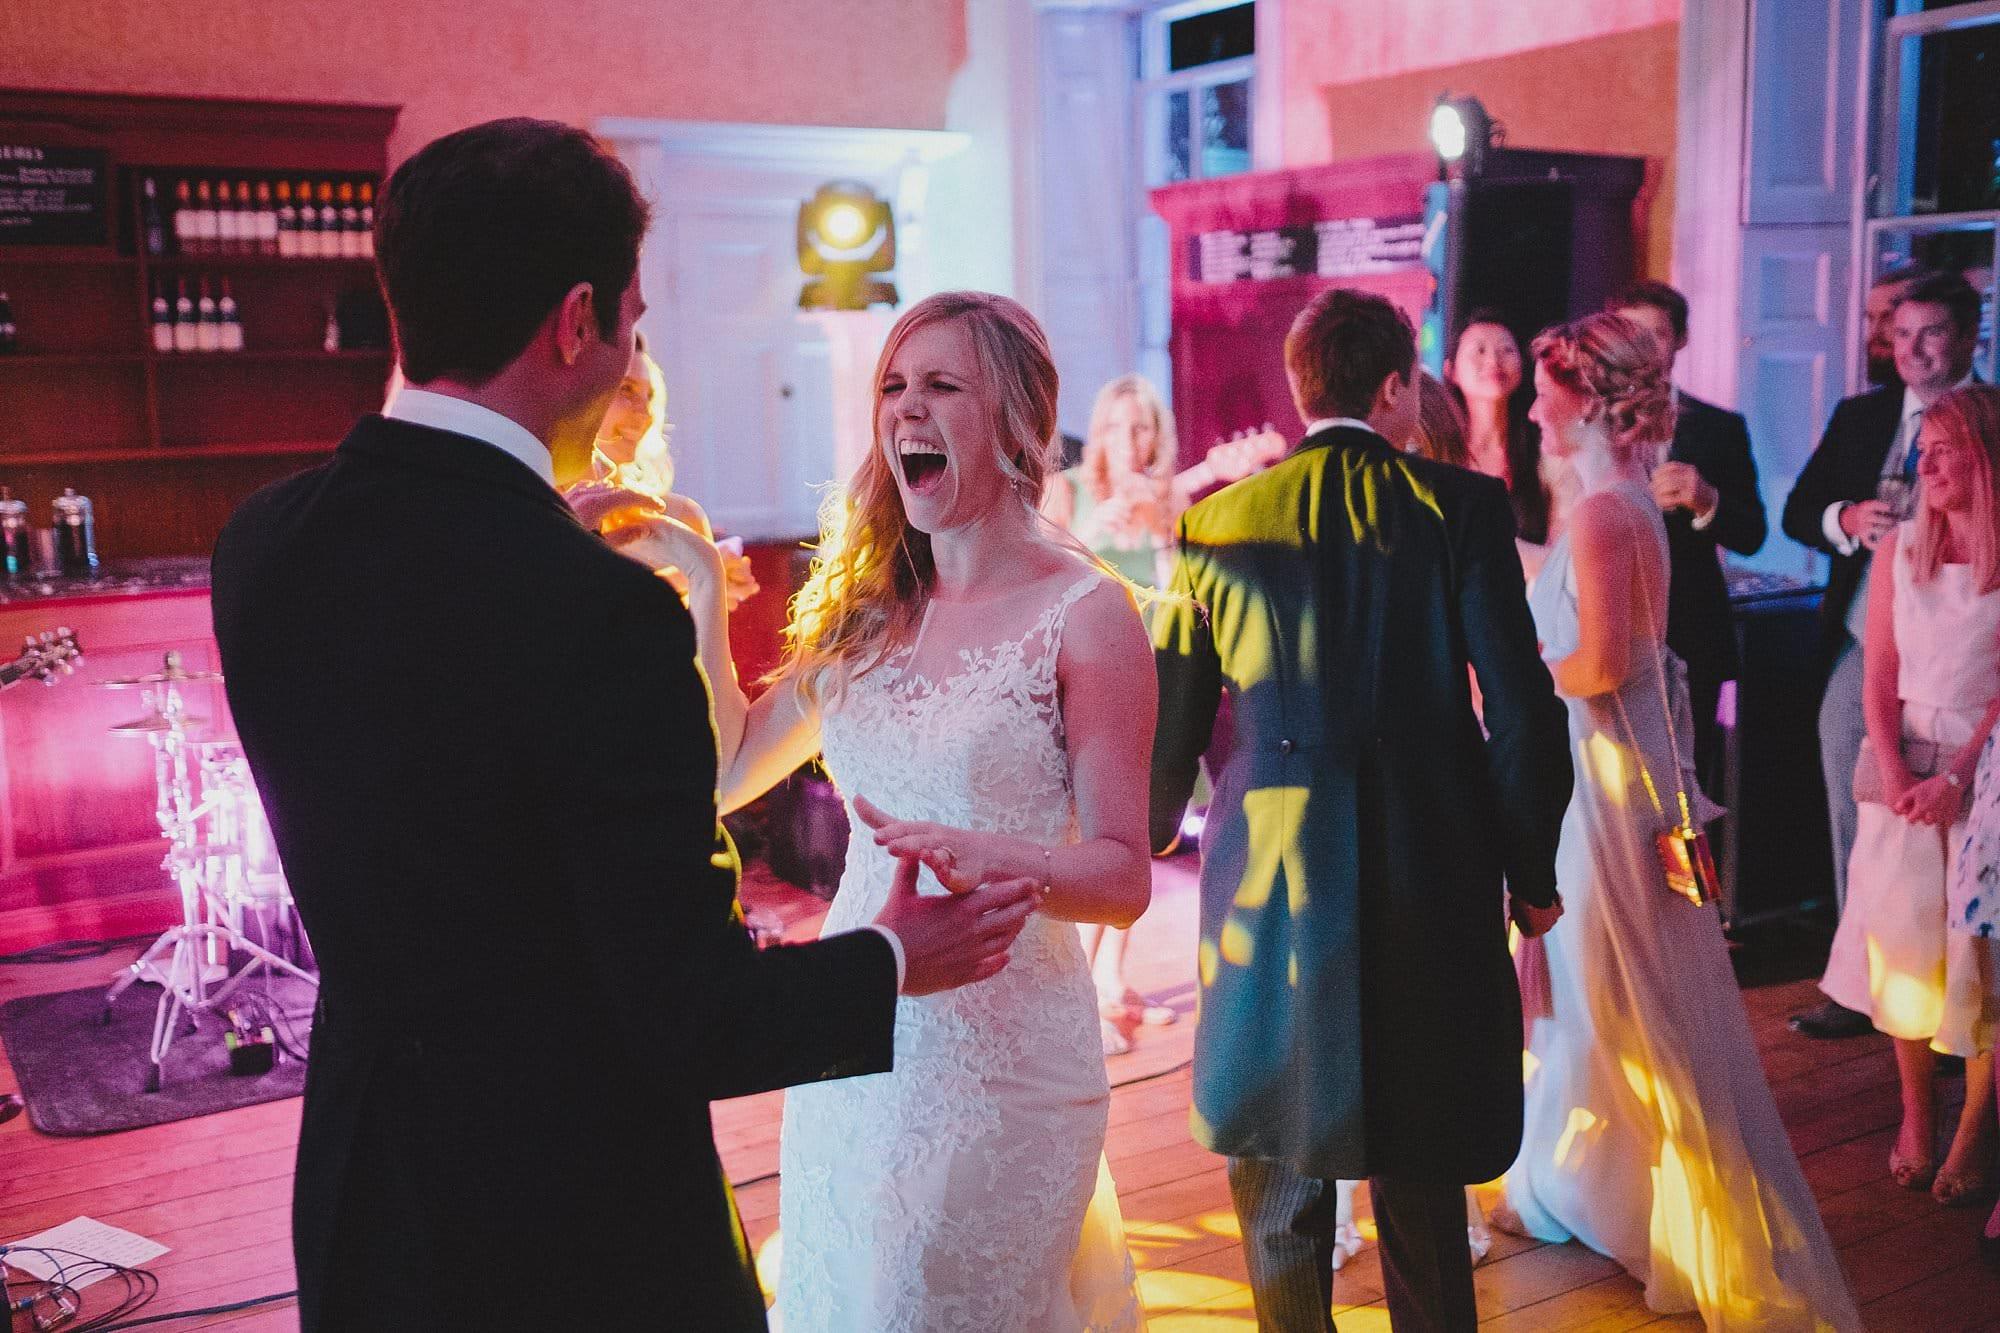 fulham palace wedding photographer 090 - Rosanna + Duncan | Fulham